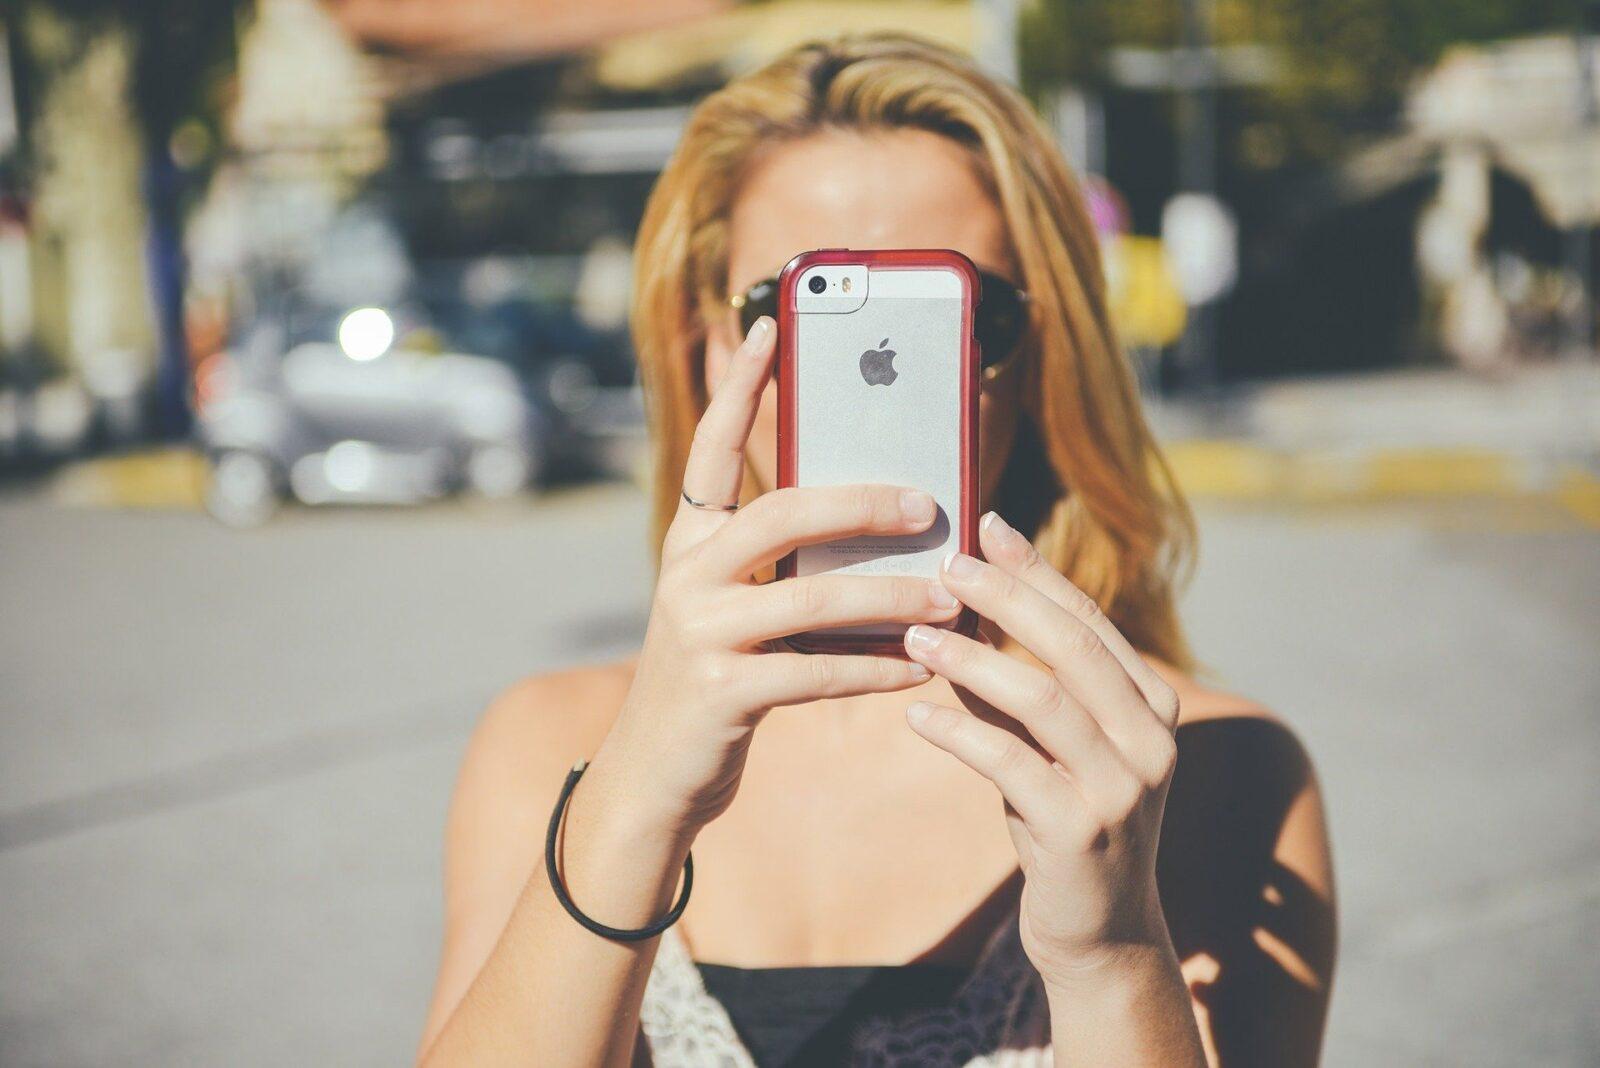 Келаси йилдан бошлаб йўллардаги қоидабузарликларни мобил телефонларда қайд этишга рухсат берилади